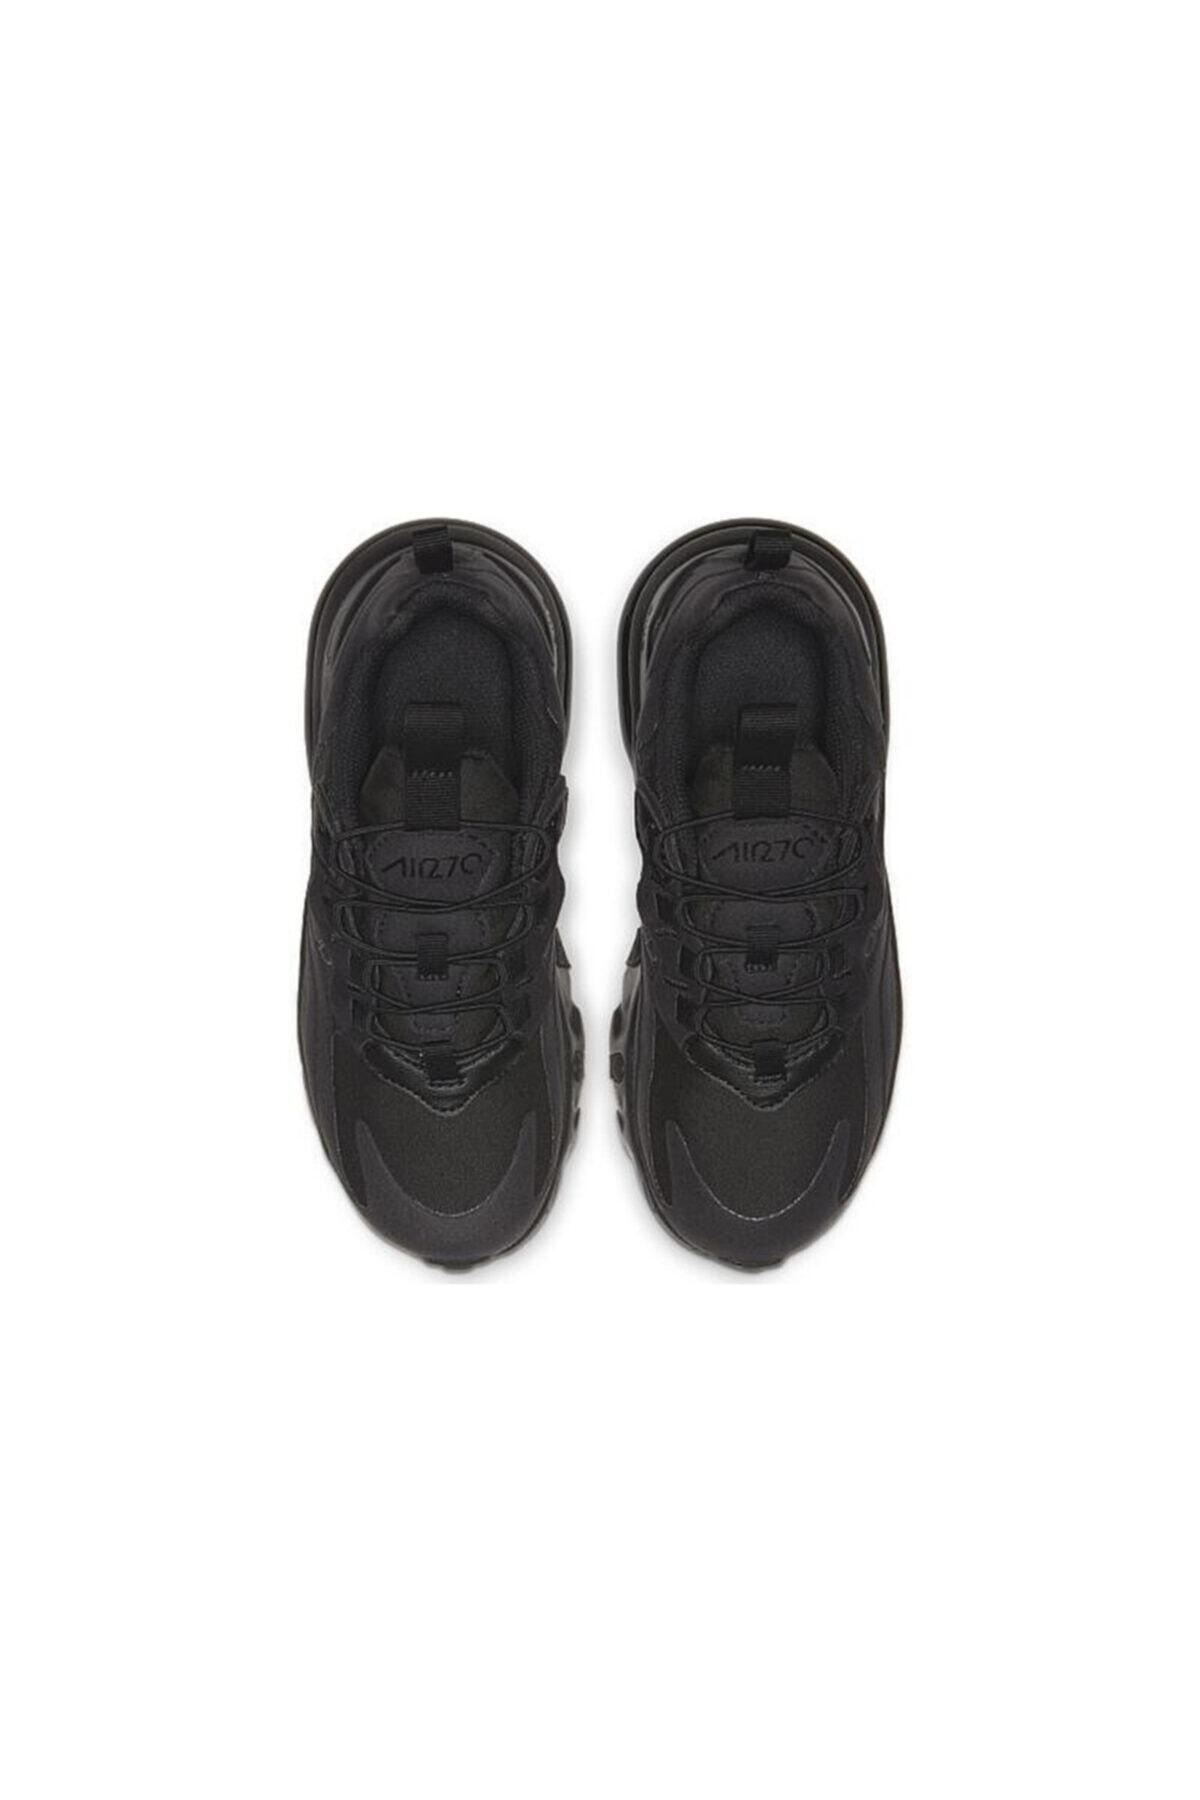 Nike Unisex Çocuk Siyah Nıke Aır Max 270 Çocuk Ayakkabı Bq0102-004 2